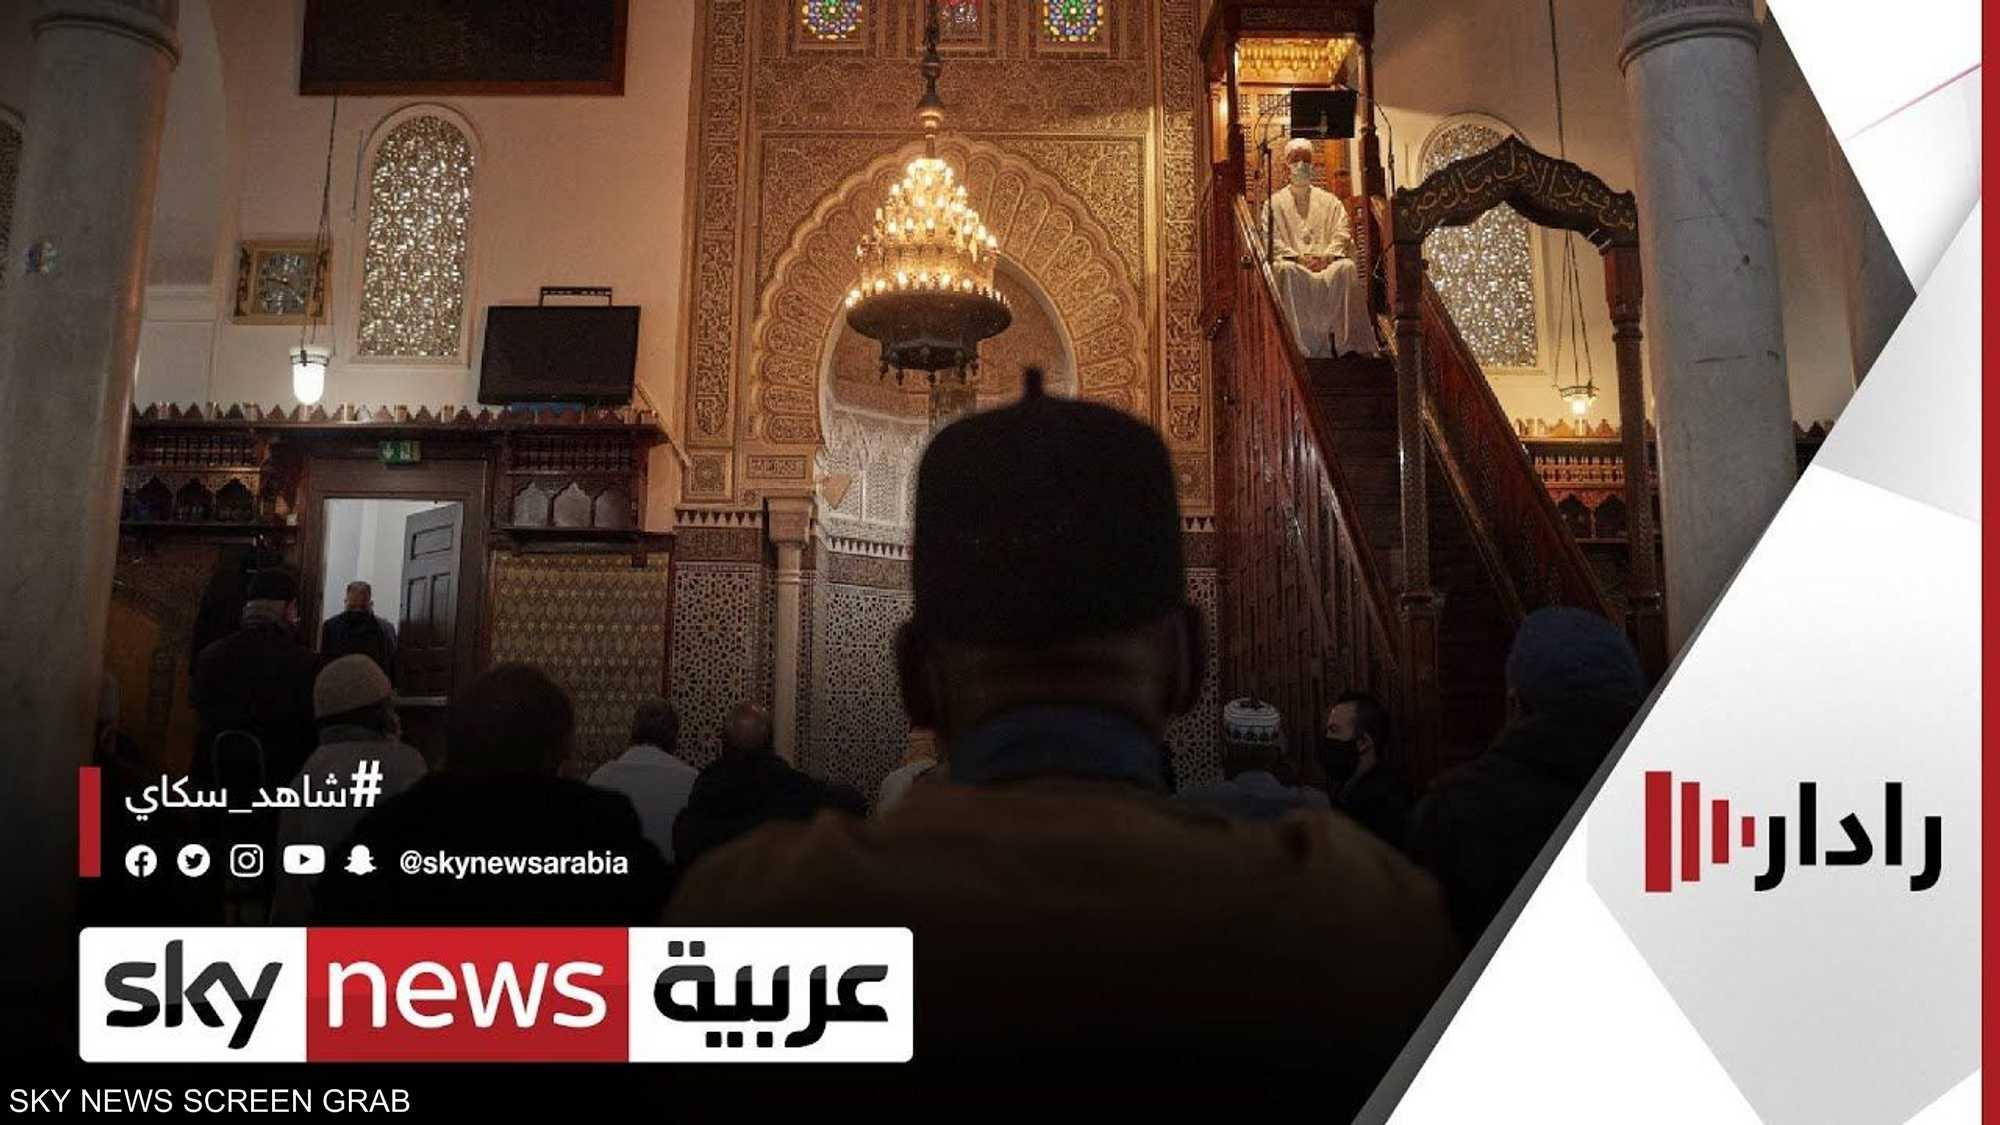 توجه لمنع توظيف الأئمة الأتراك في المساجد الأوروبية